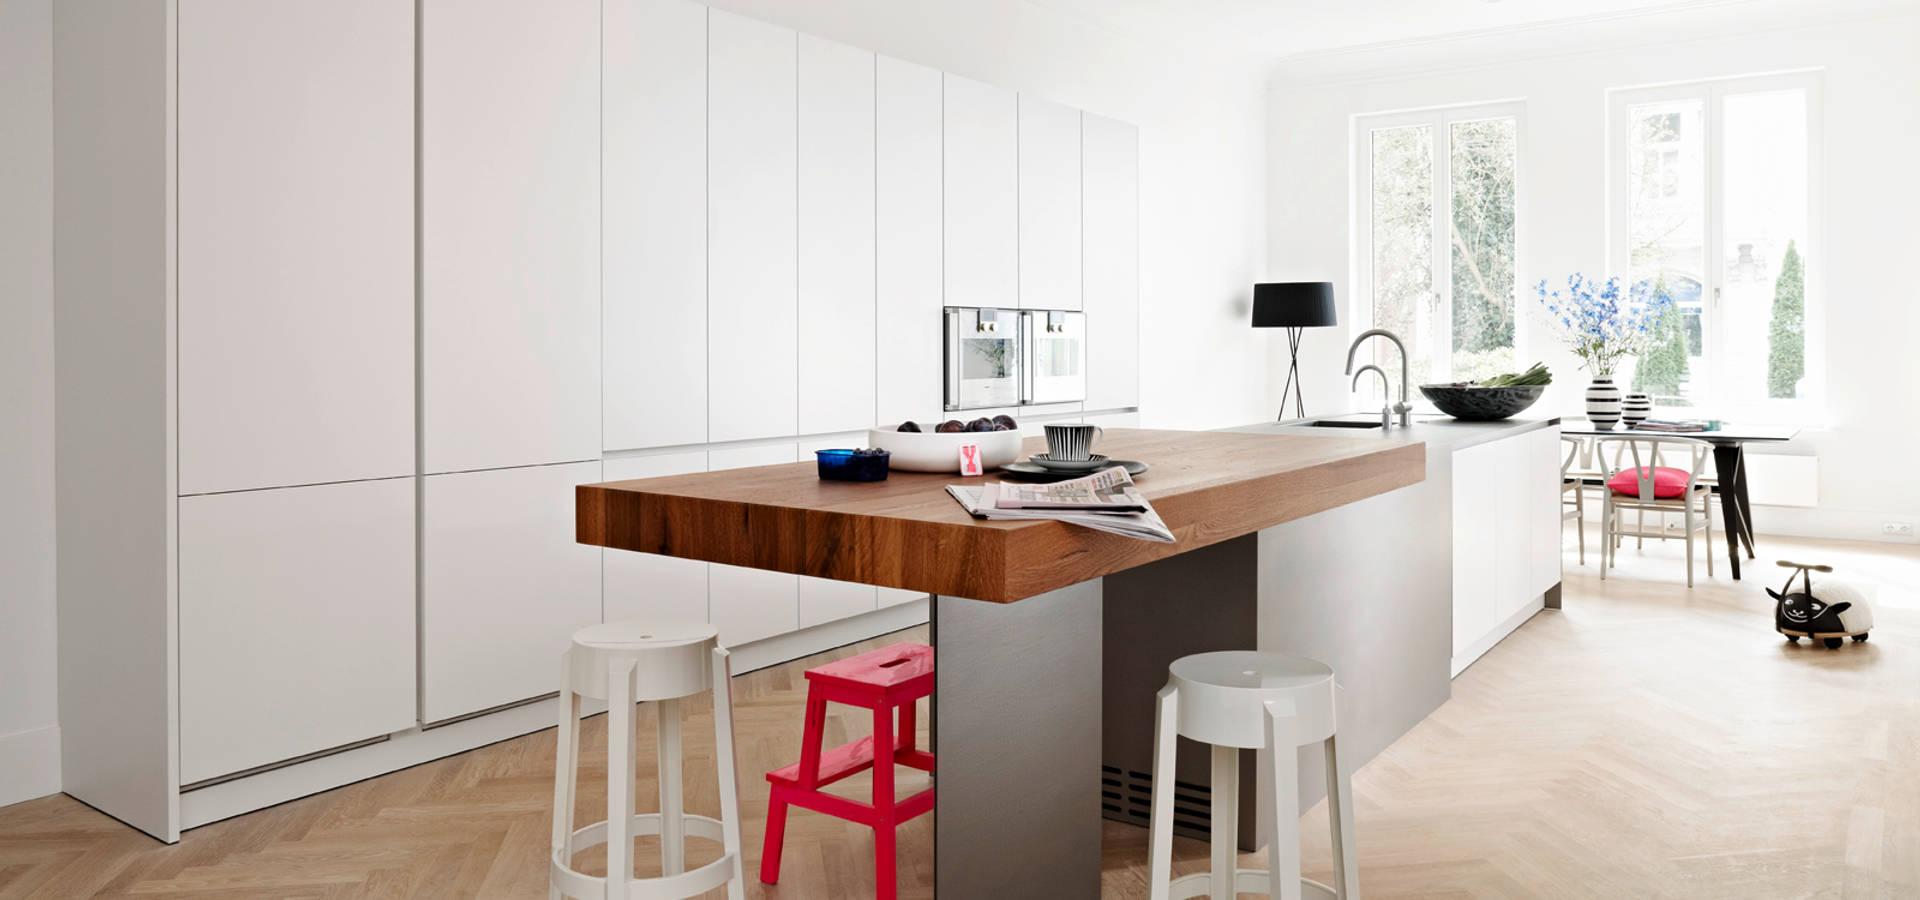 hamburg alster von planungsloft weisselberg gmbh homify. Black Bedroom Furniture Sets. Home Design Ideas